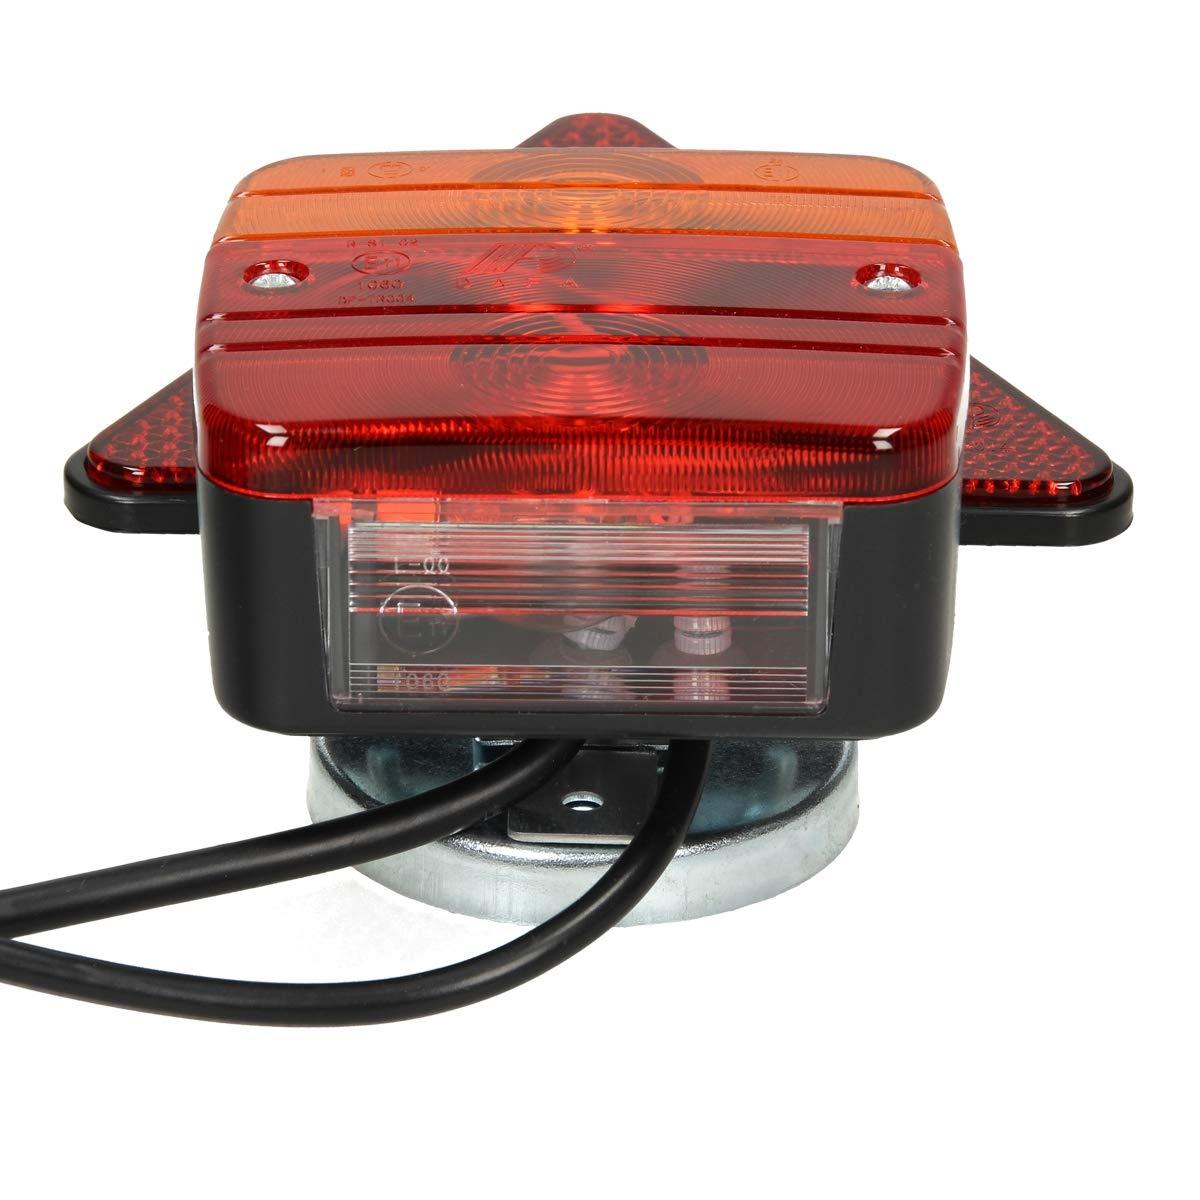 mit E11 Pr/üfzeichen wasserdicht ECD Germany Beleuchtungssatz f/ür Anh/änger mit Magneten 12 V Anh/ängerbeleuchtung R/ückleuchten R/ückstrahler verkabelt mit 7-poligem Stecker